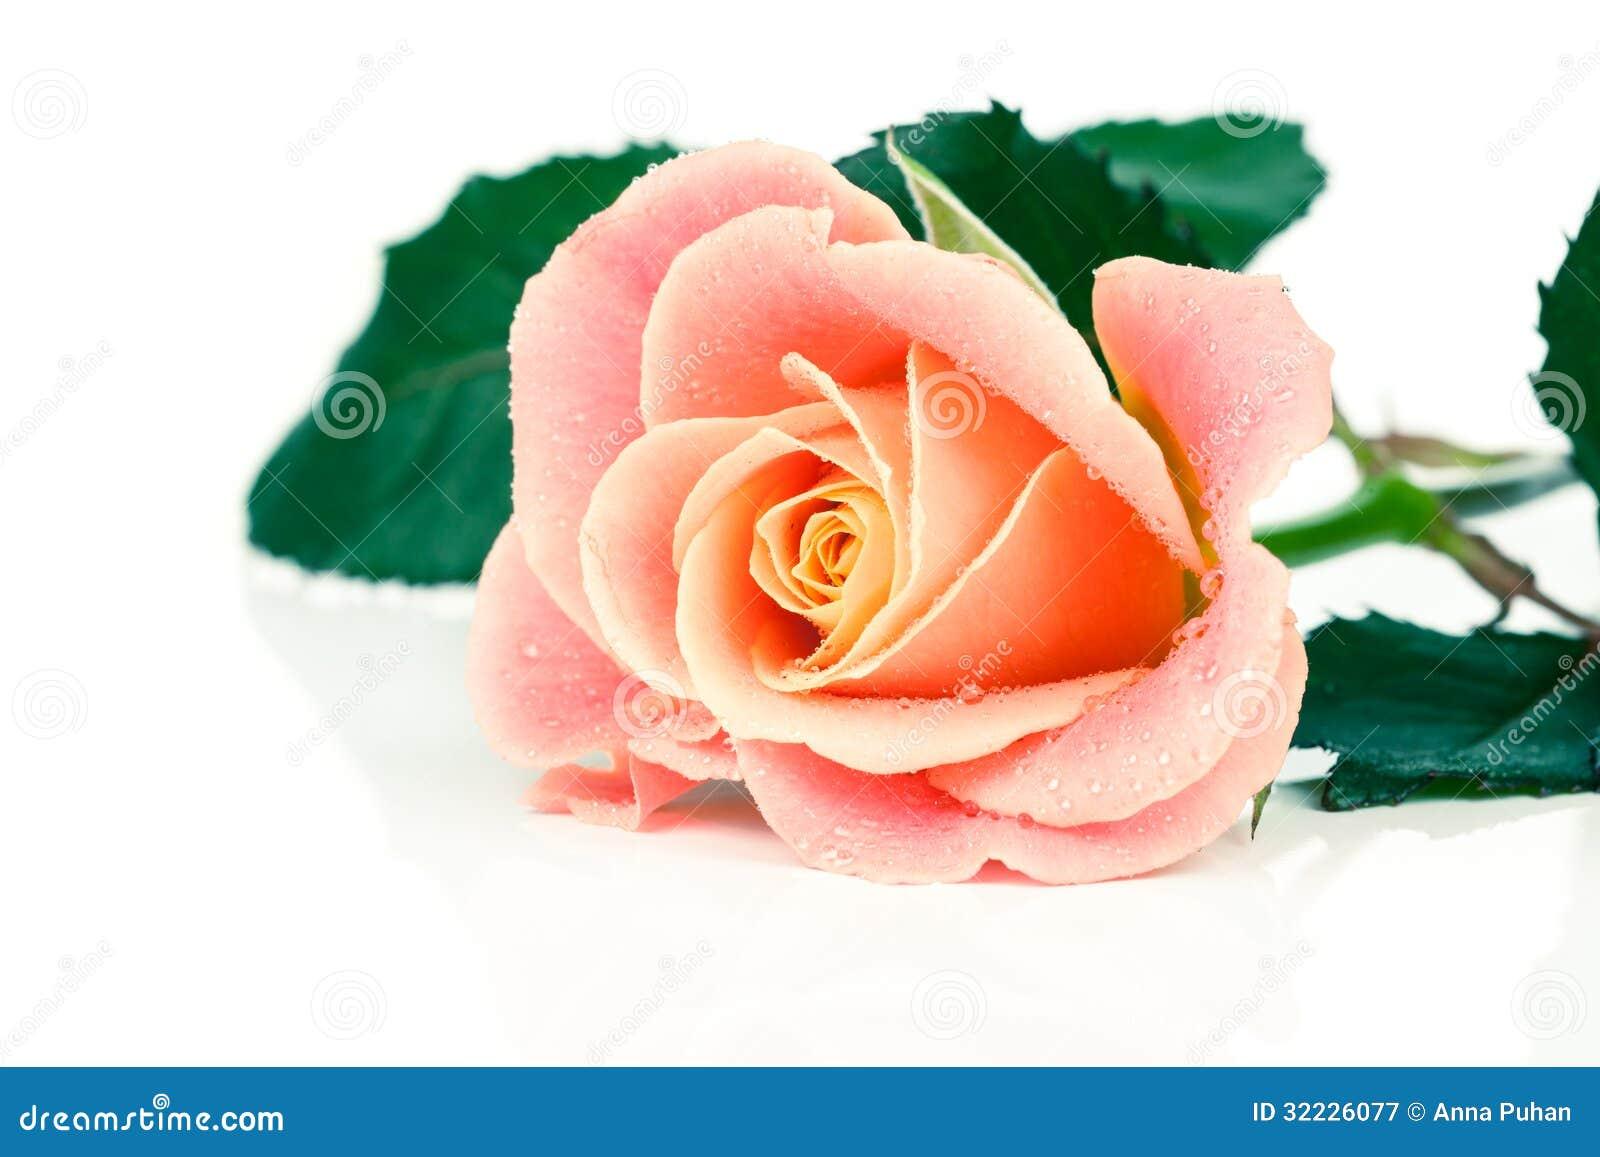 Download Rosa imagem de stock. Imagem de fresco, branco, vermelho - 32226077